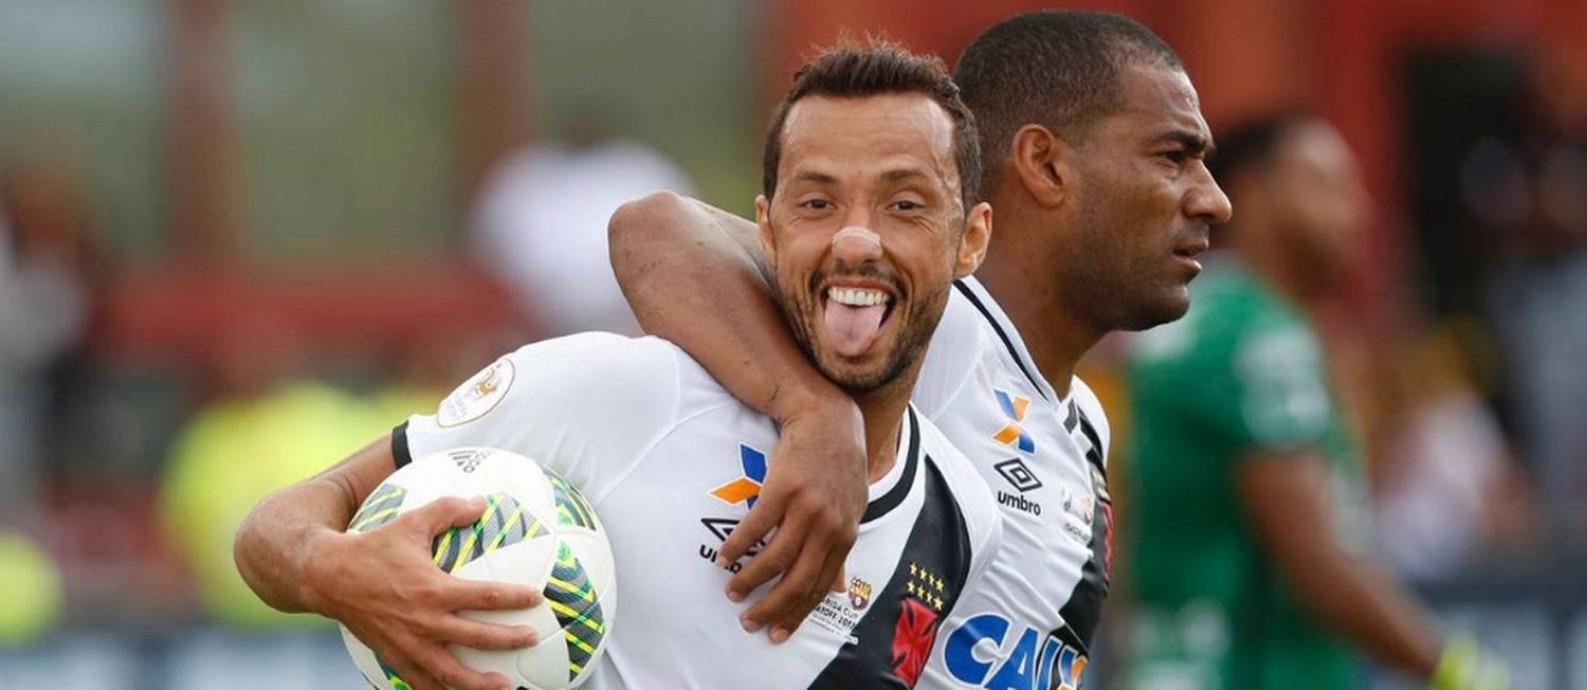 Nenê fez o primeiro gol do Vasco em 2017, em uma cobrança de pênalti Foto: Rafael Ribeiro/Florida Cup